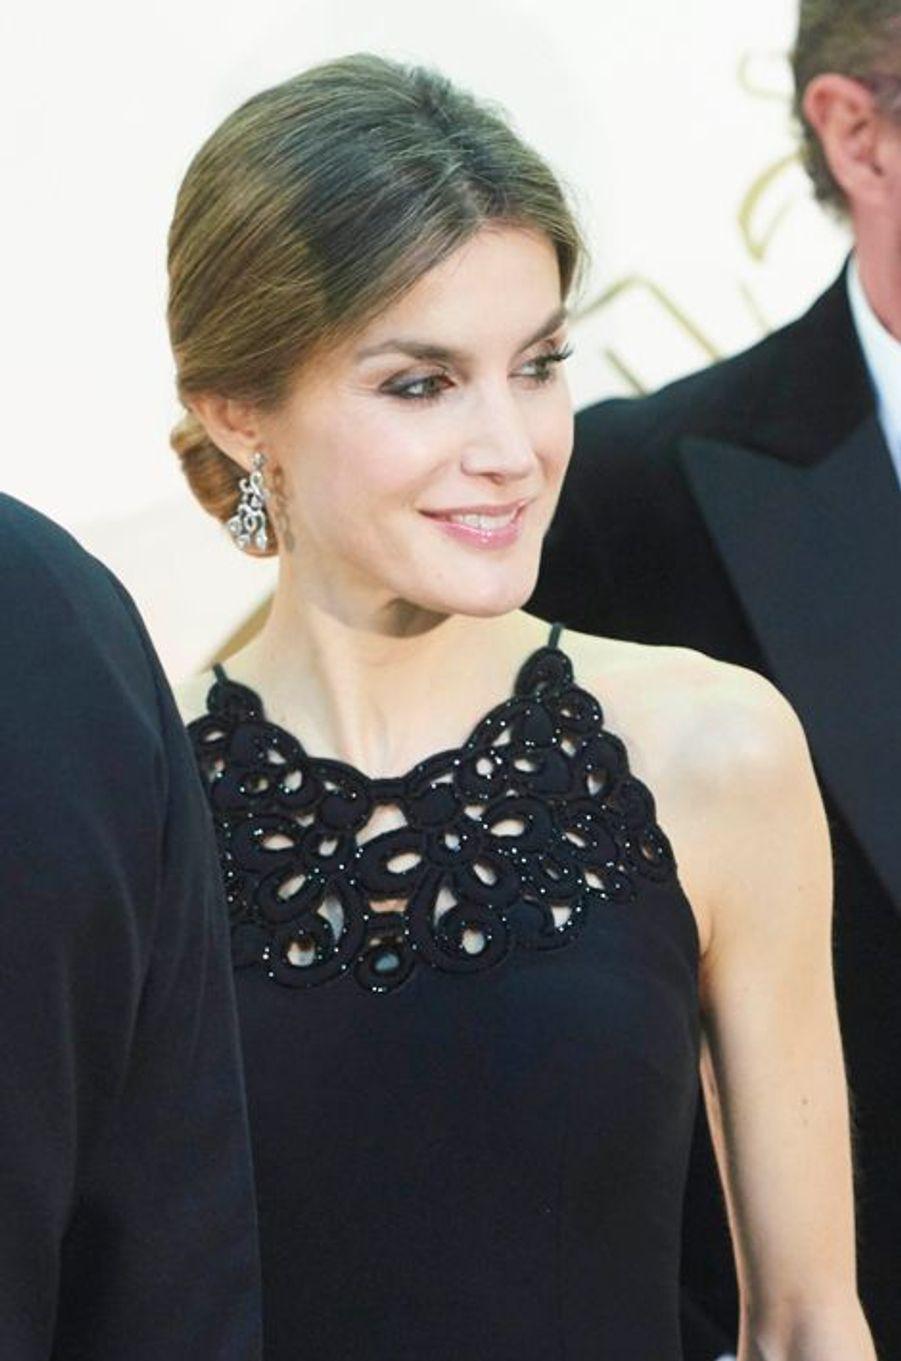 La reine Letizia d'Espagne à Madrid, le 10 décembre 2015